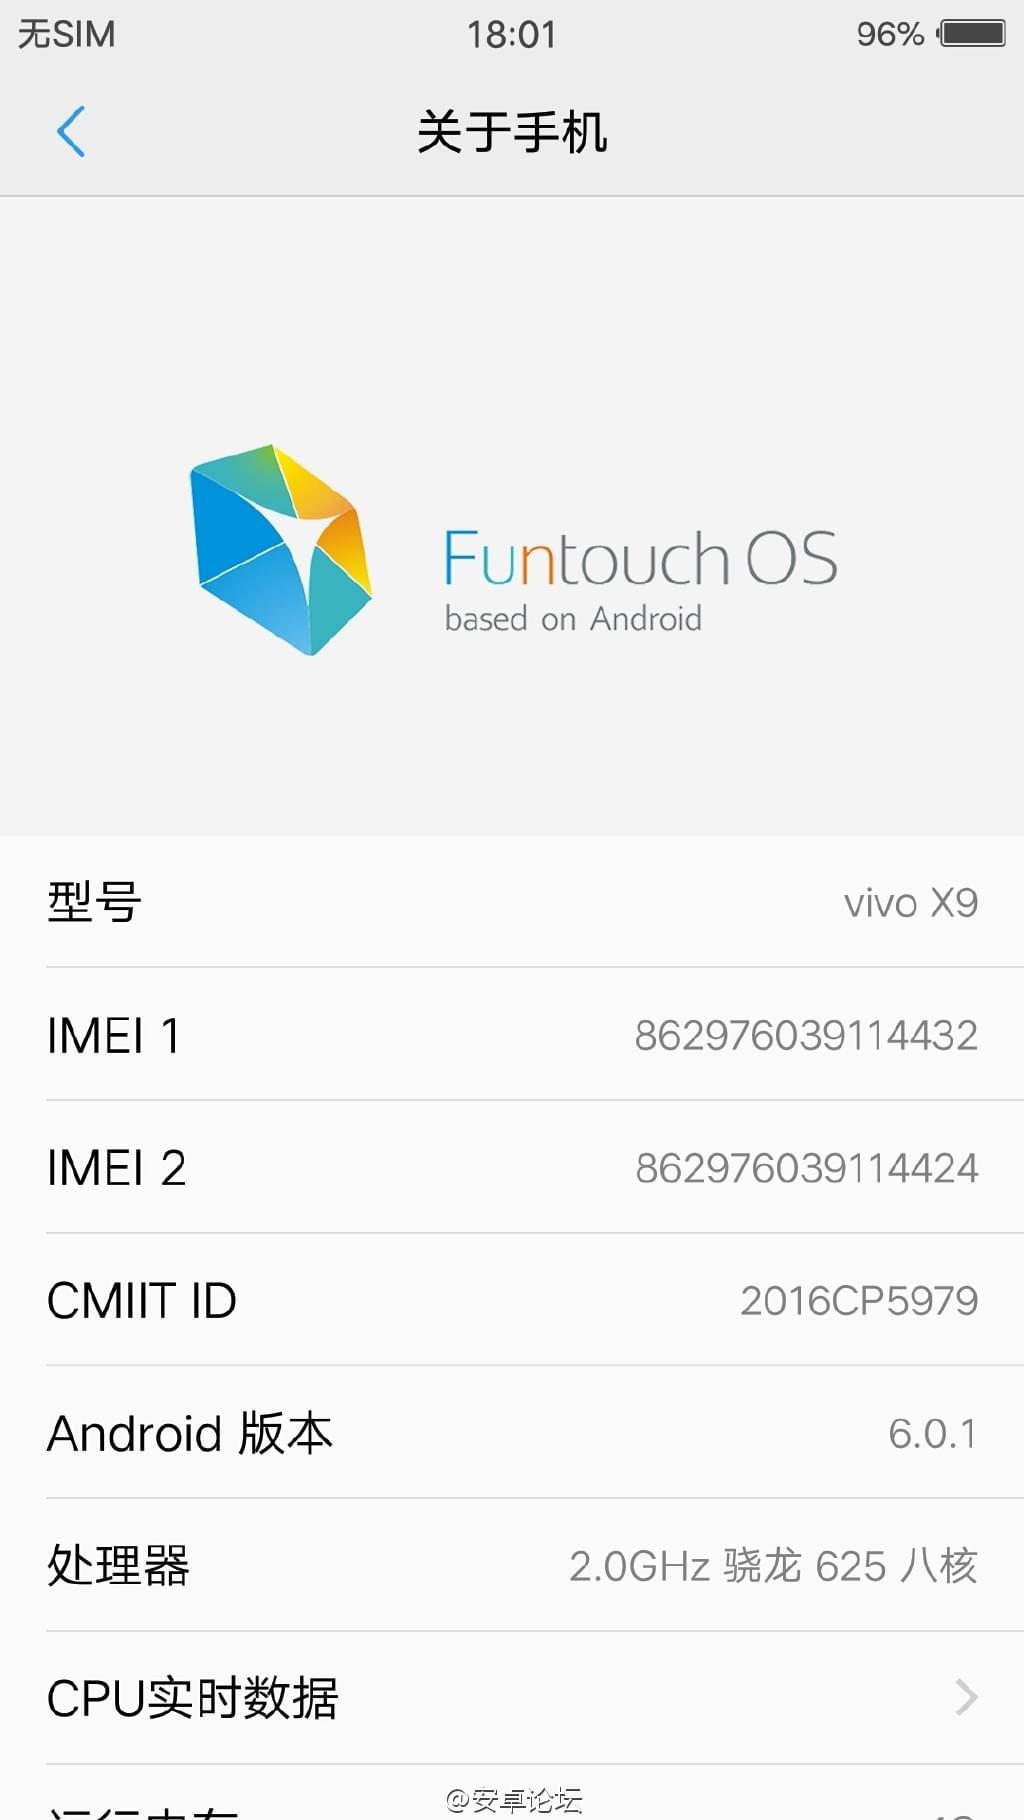 vivo X9首次内置Funtouch OS 3.0:各大功能详解的照片 - 15